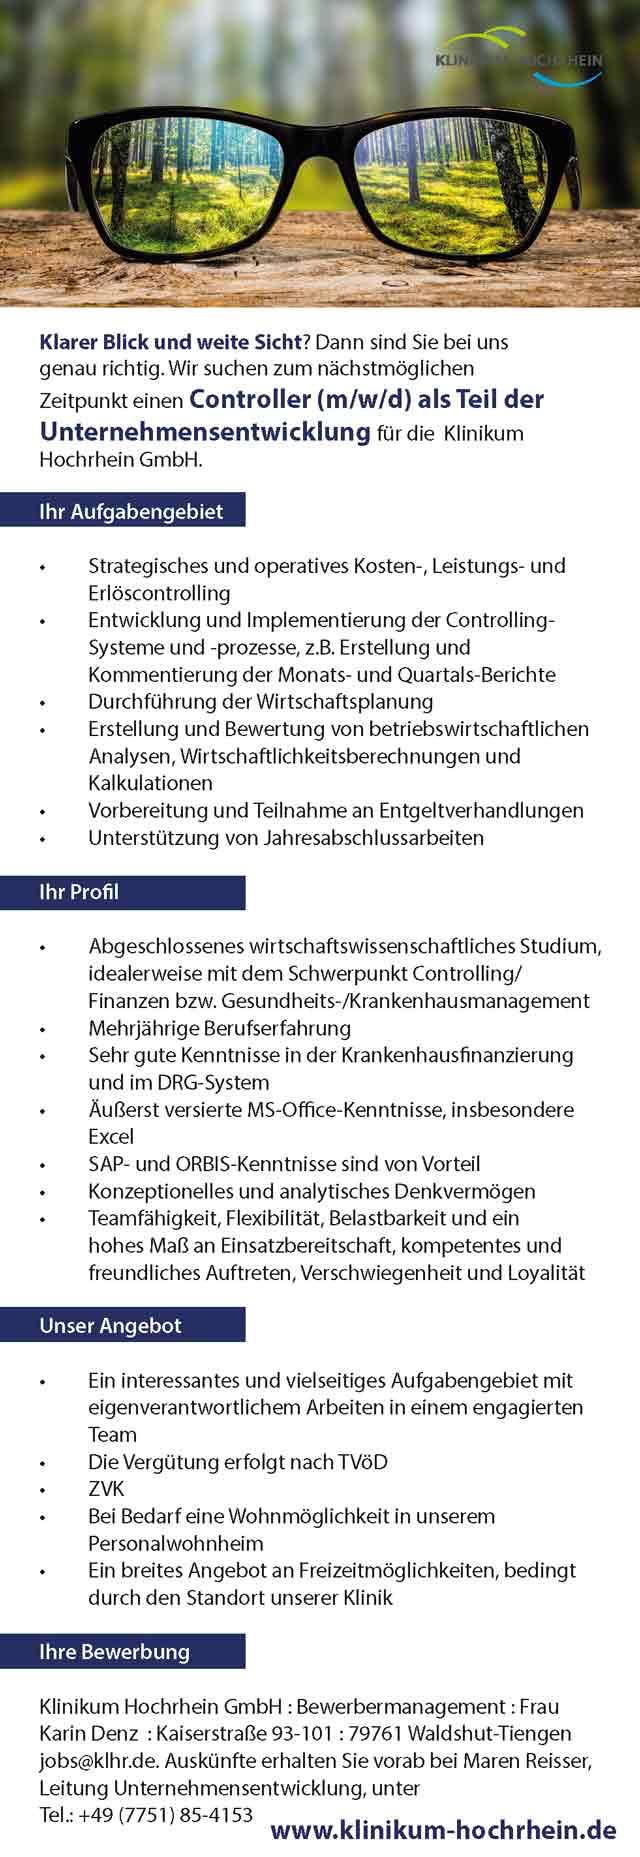 Klinikum Hochrhein GmbH: Controller (m/w/d)